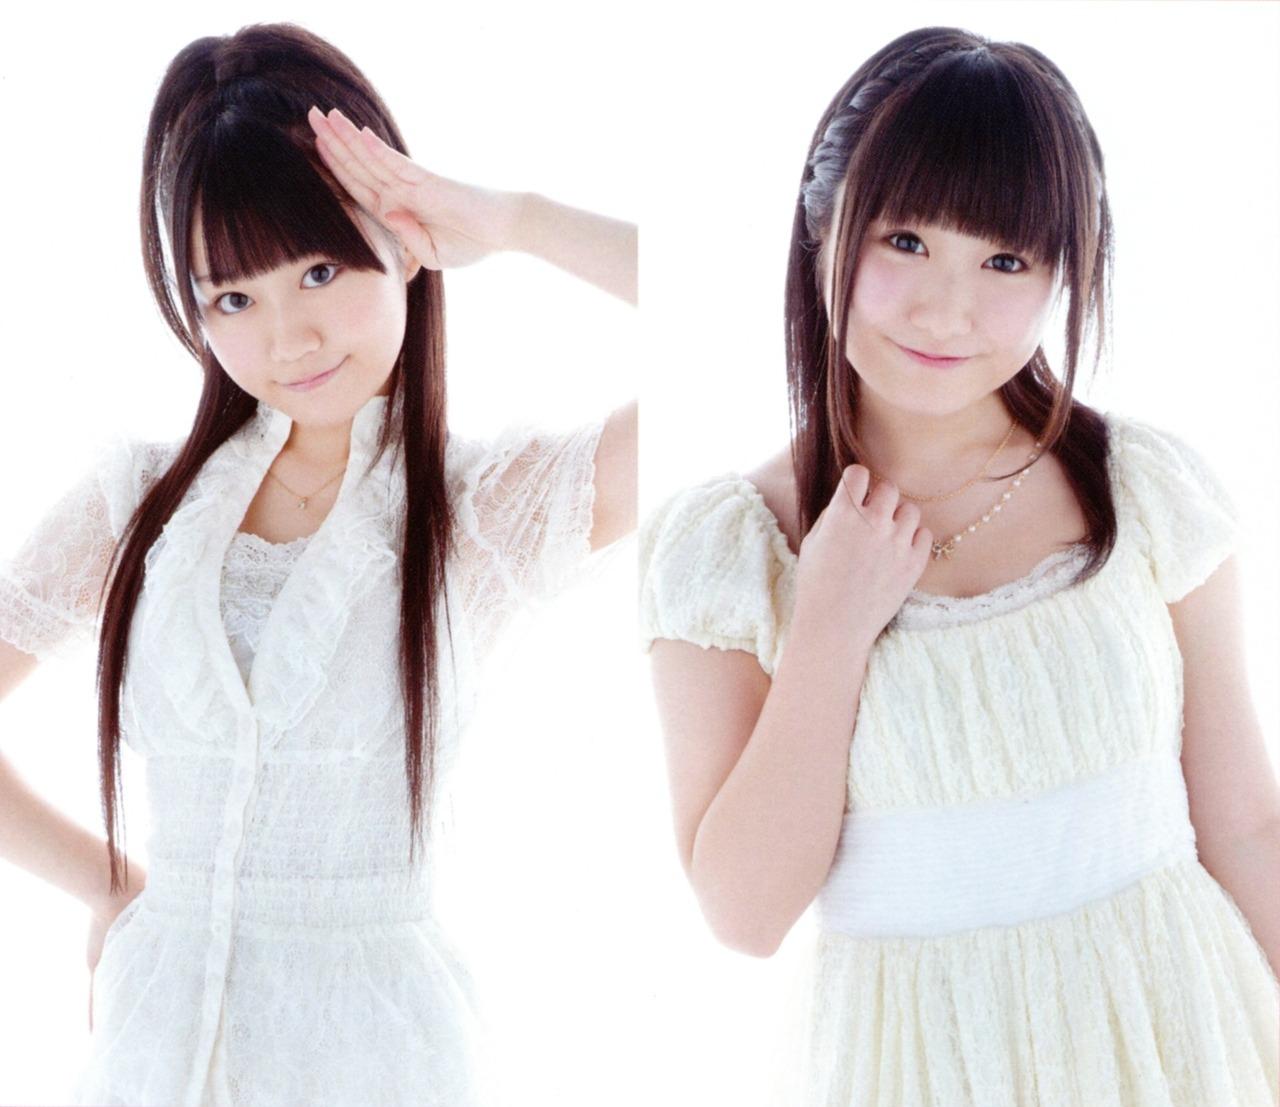 hidaka_rina031.jpg